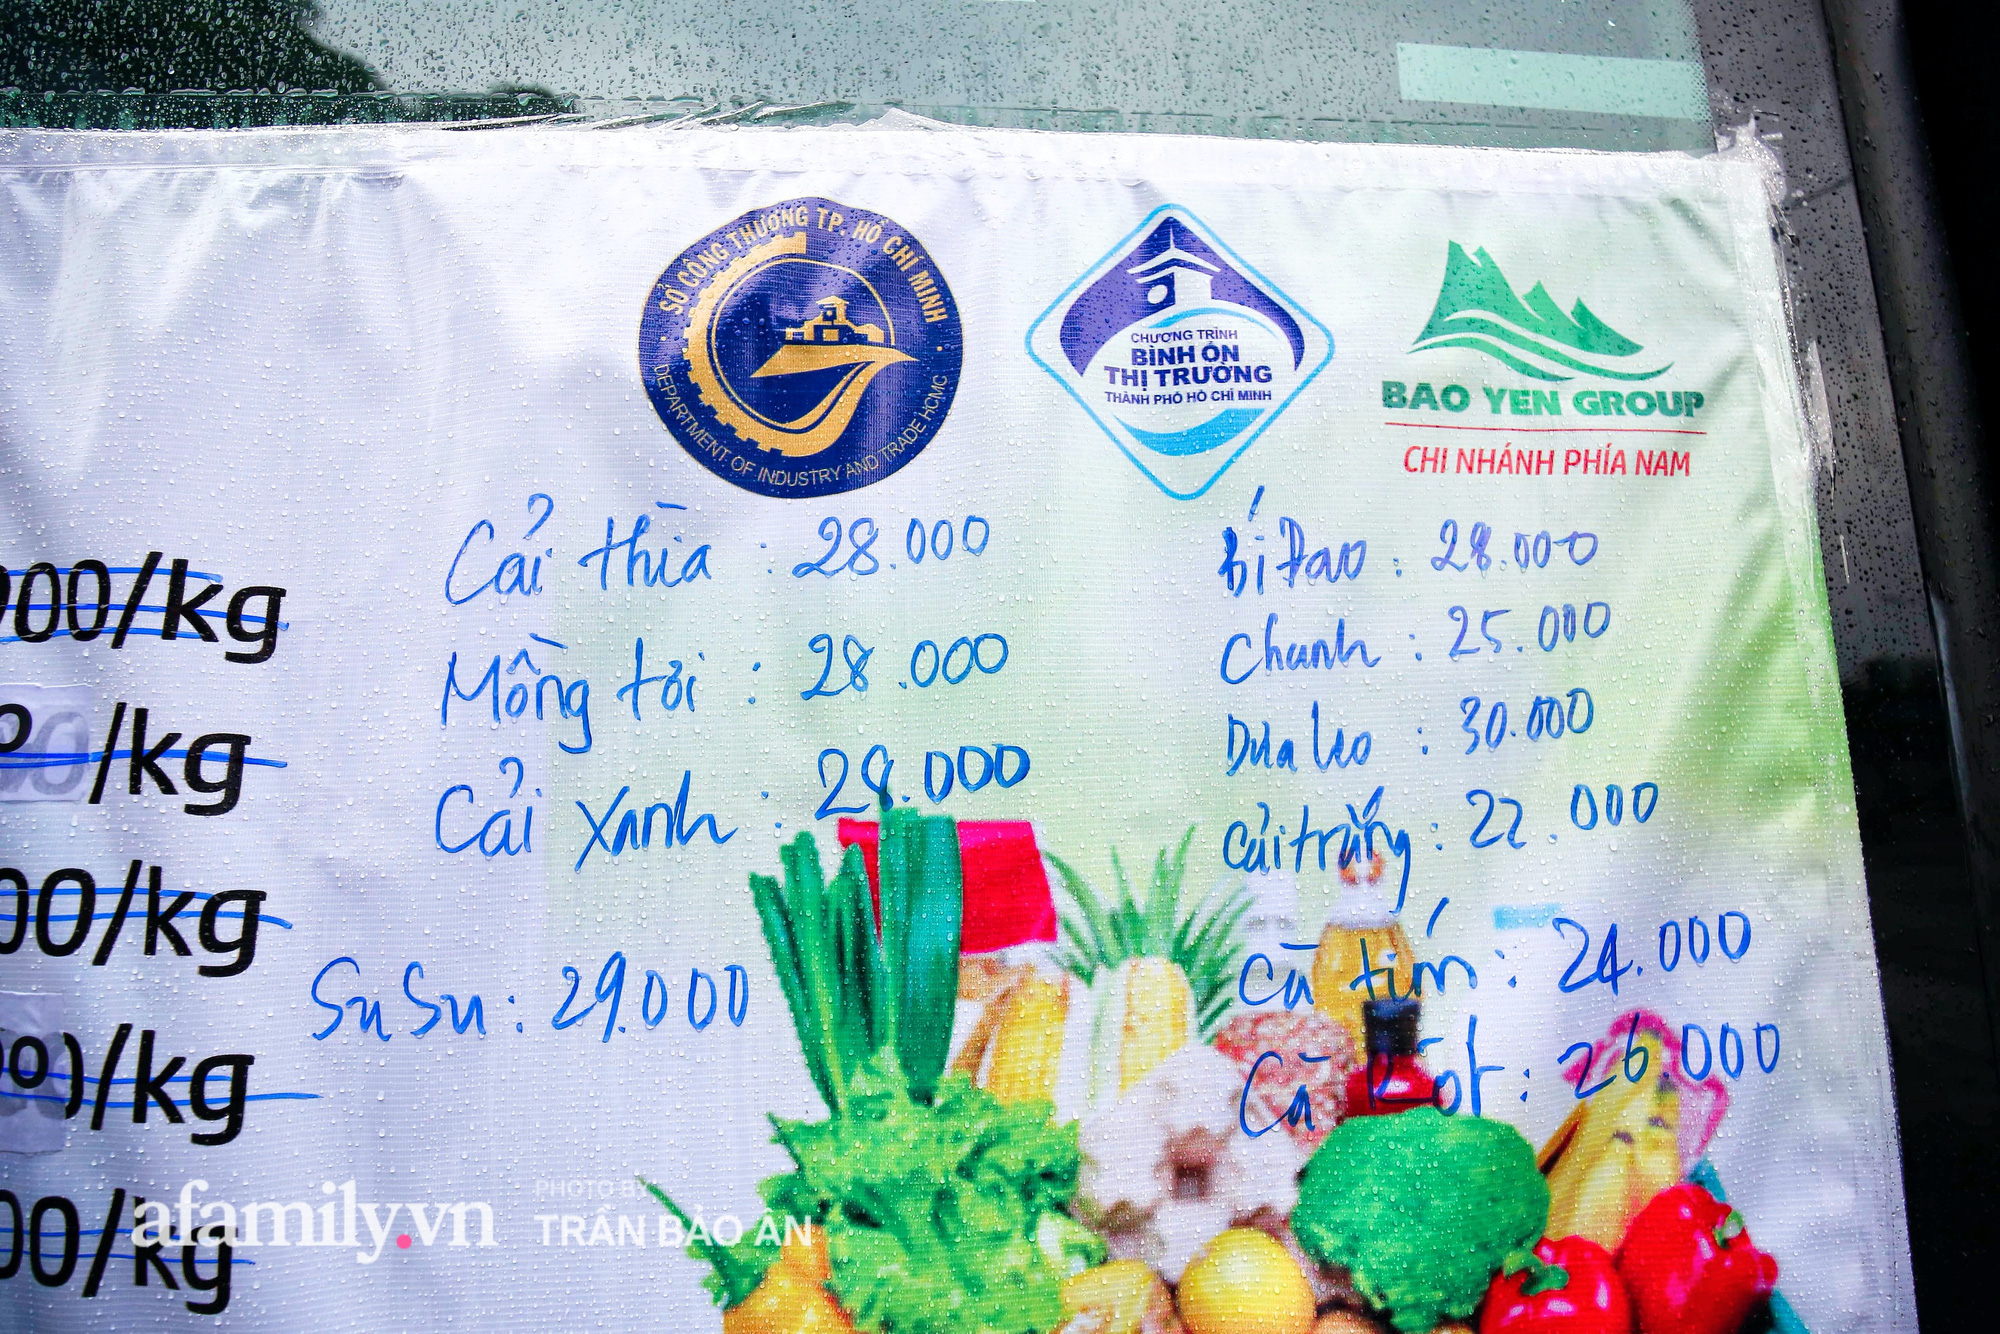 Người Sài Gòn lên xe buýt để... mua rau củ, thịt cá giá bình ổn, đảm bảo an toàn đủ các bước nhưng quan trọng chất lượng liệu ra sao? - Ảnh 4.